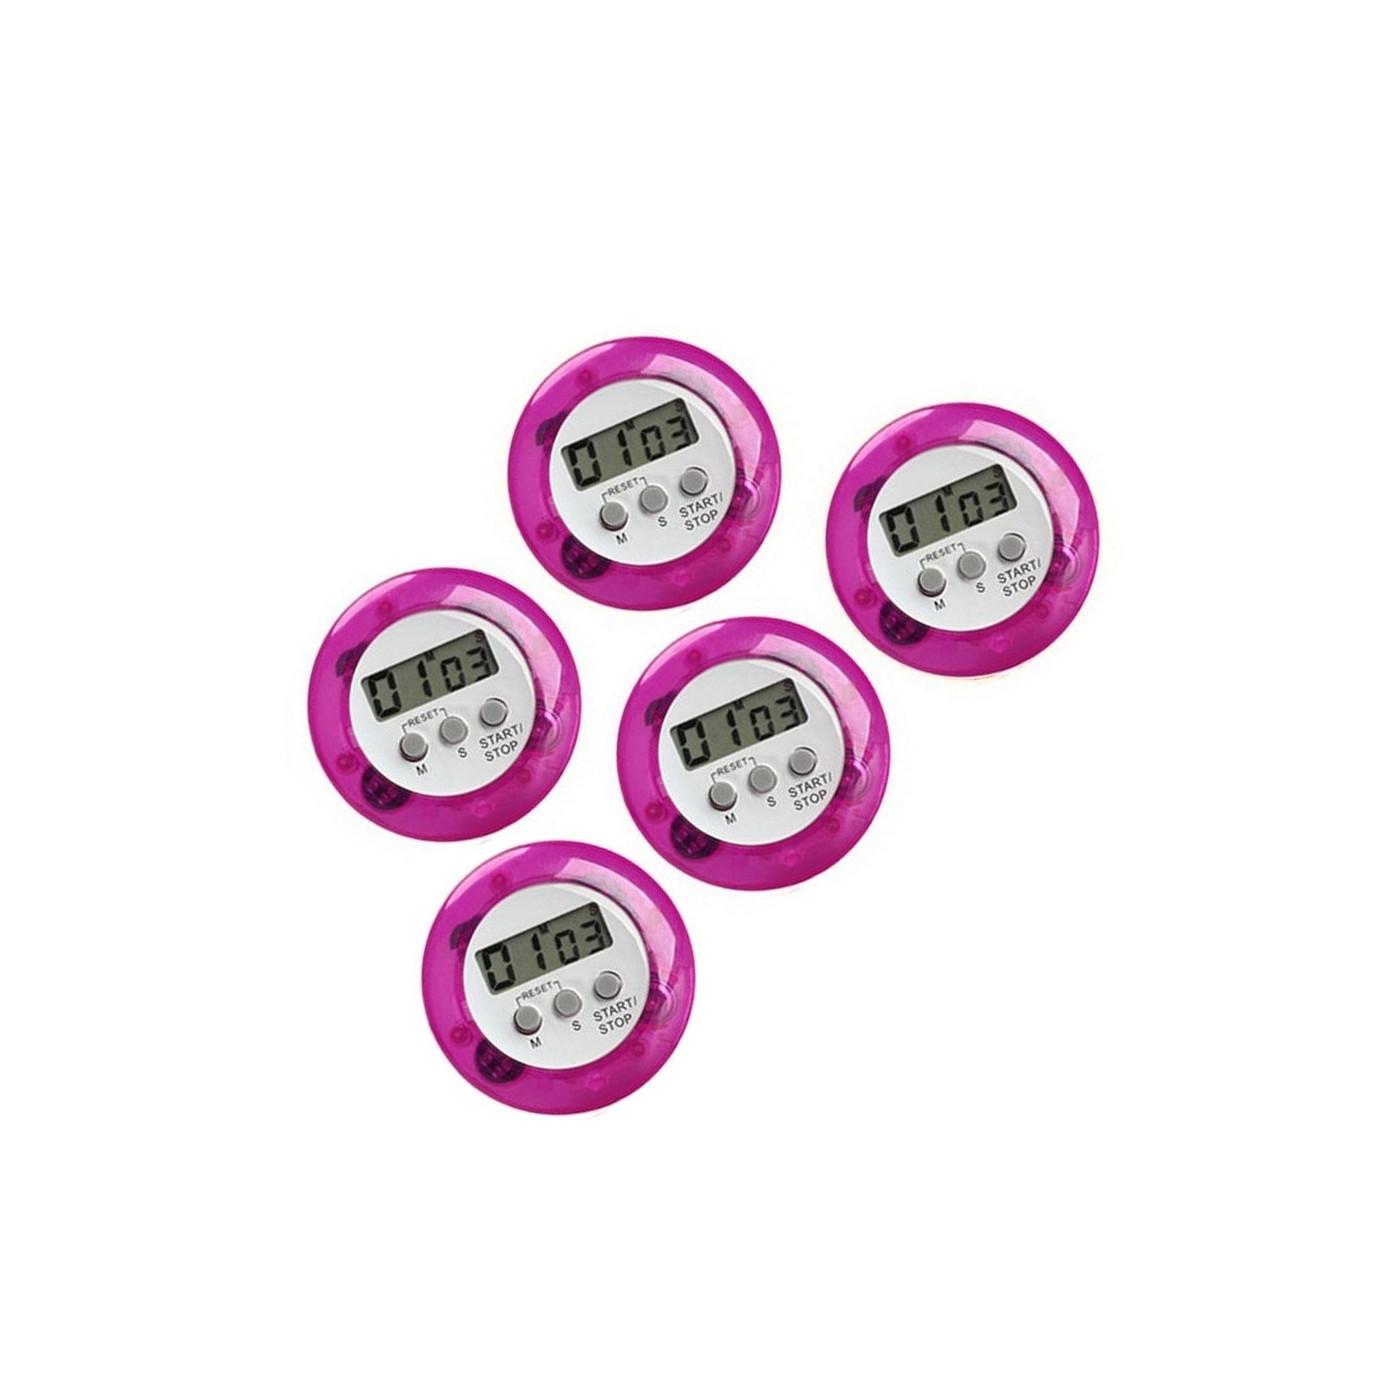 Set van 5 digitale timers, kookwekkers (alarmklok) paars  - 1